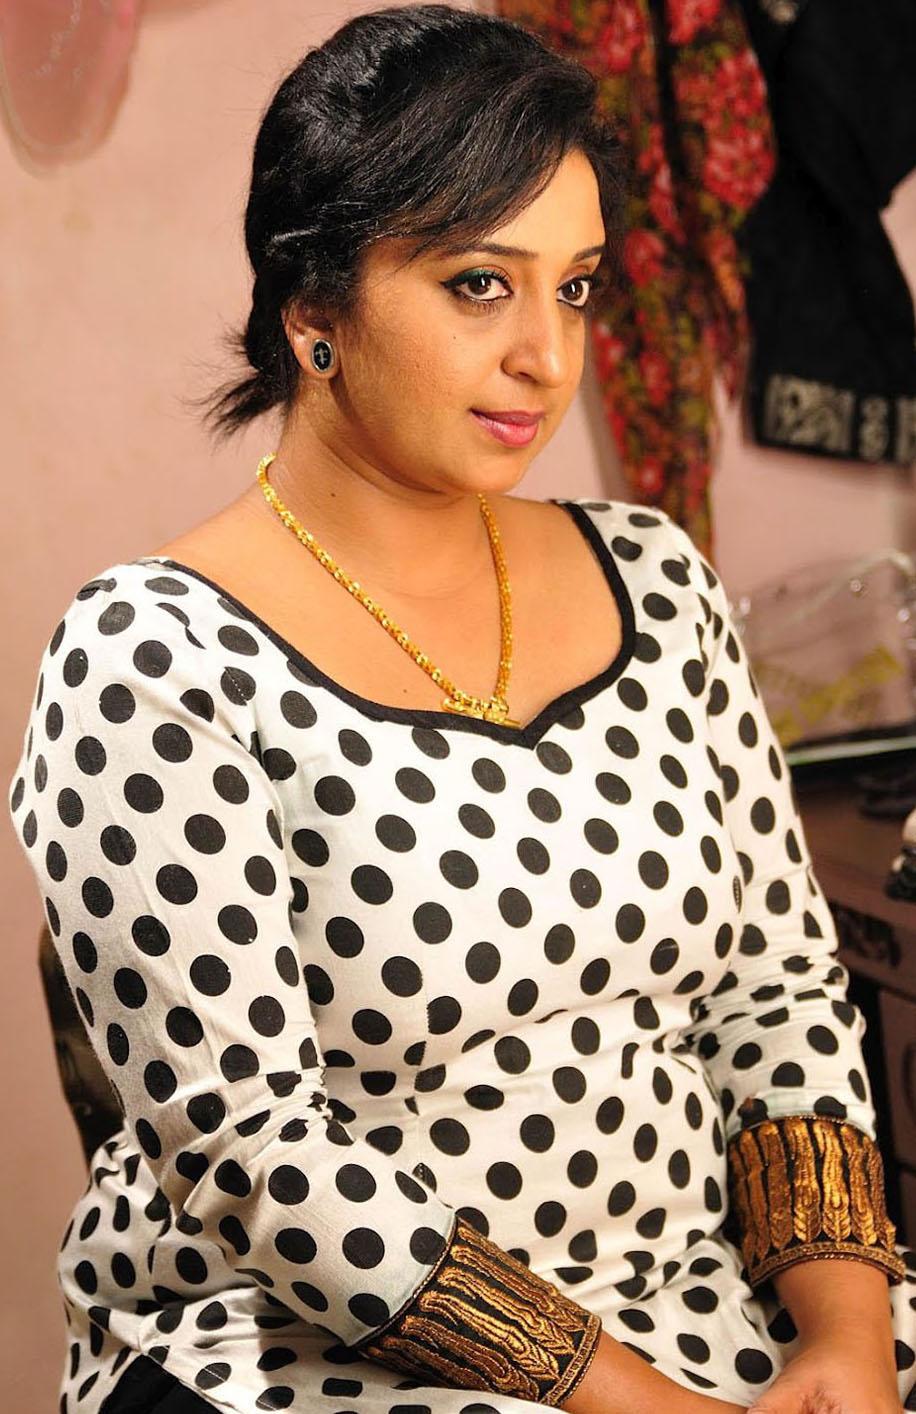 nude pics of malayalam actress